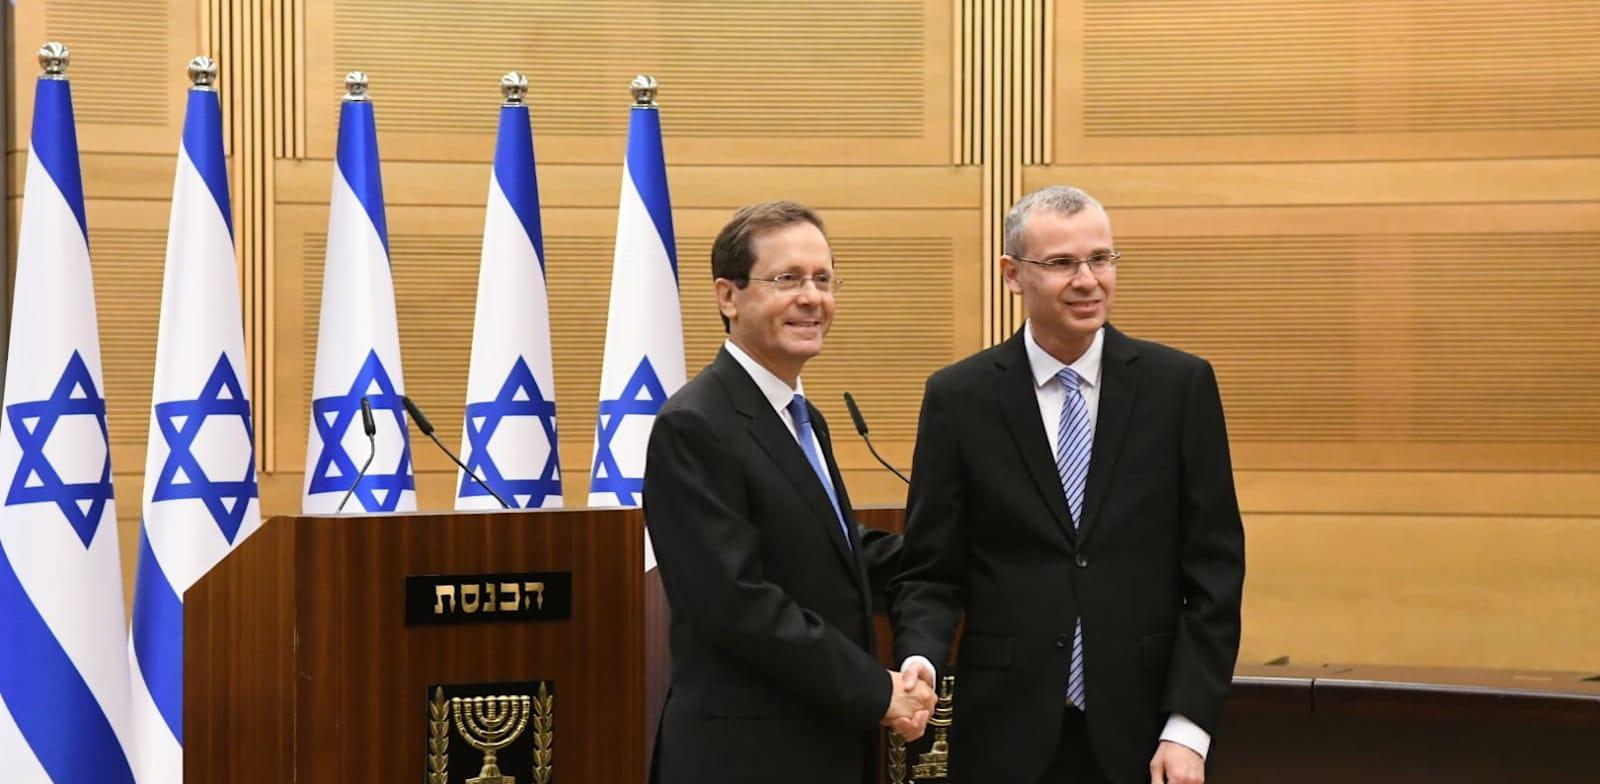 Knesset Speaker Yariv Levin congratulates Isac Herzog Photo: Rafi Kutz